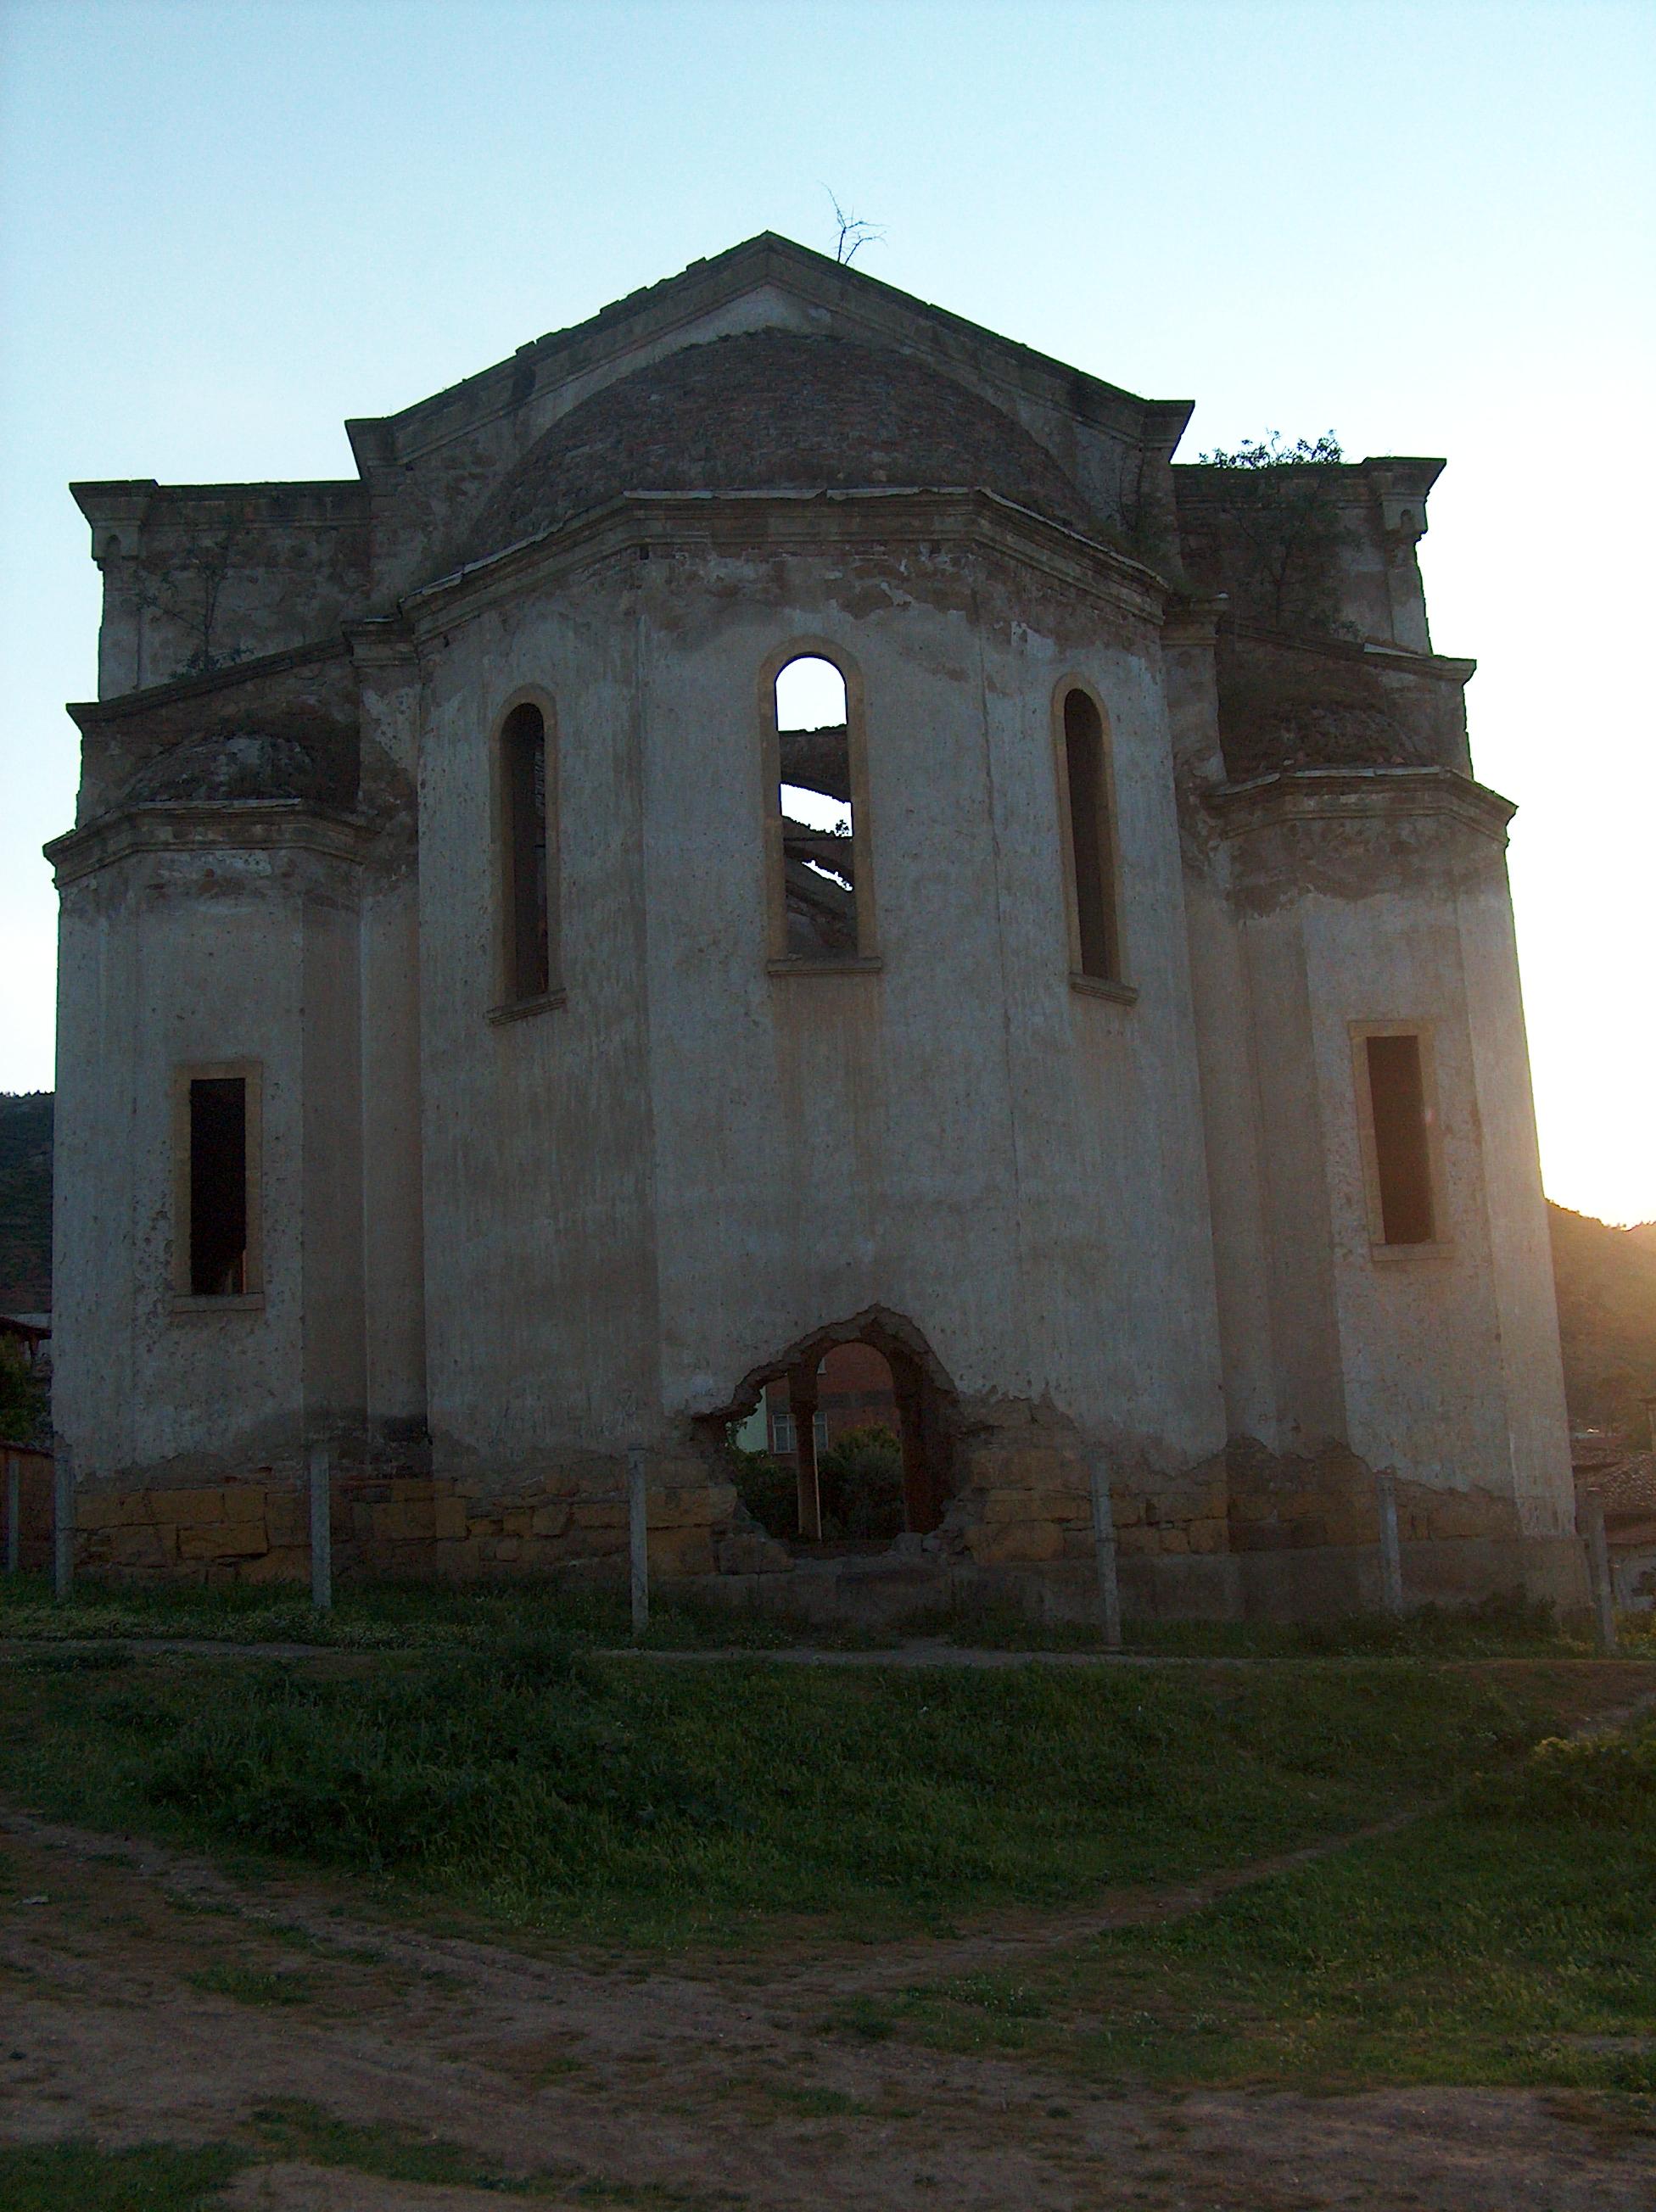 Fotoğraf 65. Hagios Georgios (Aya Yorgi) Rum Kilisesi doğu cephesi.